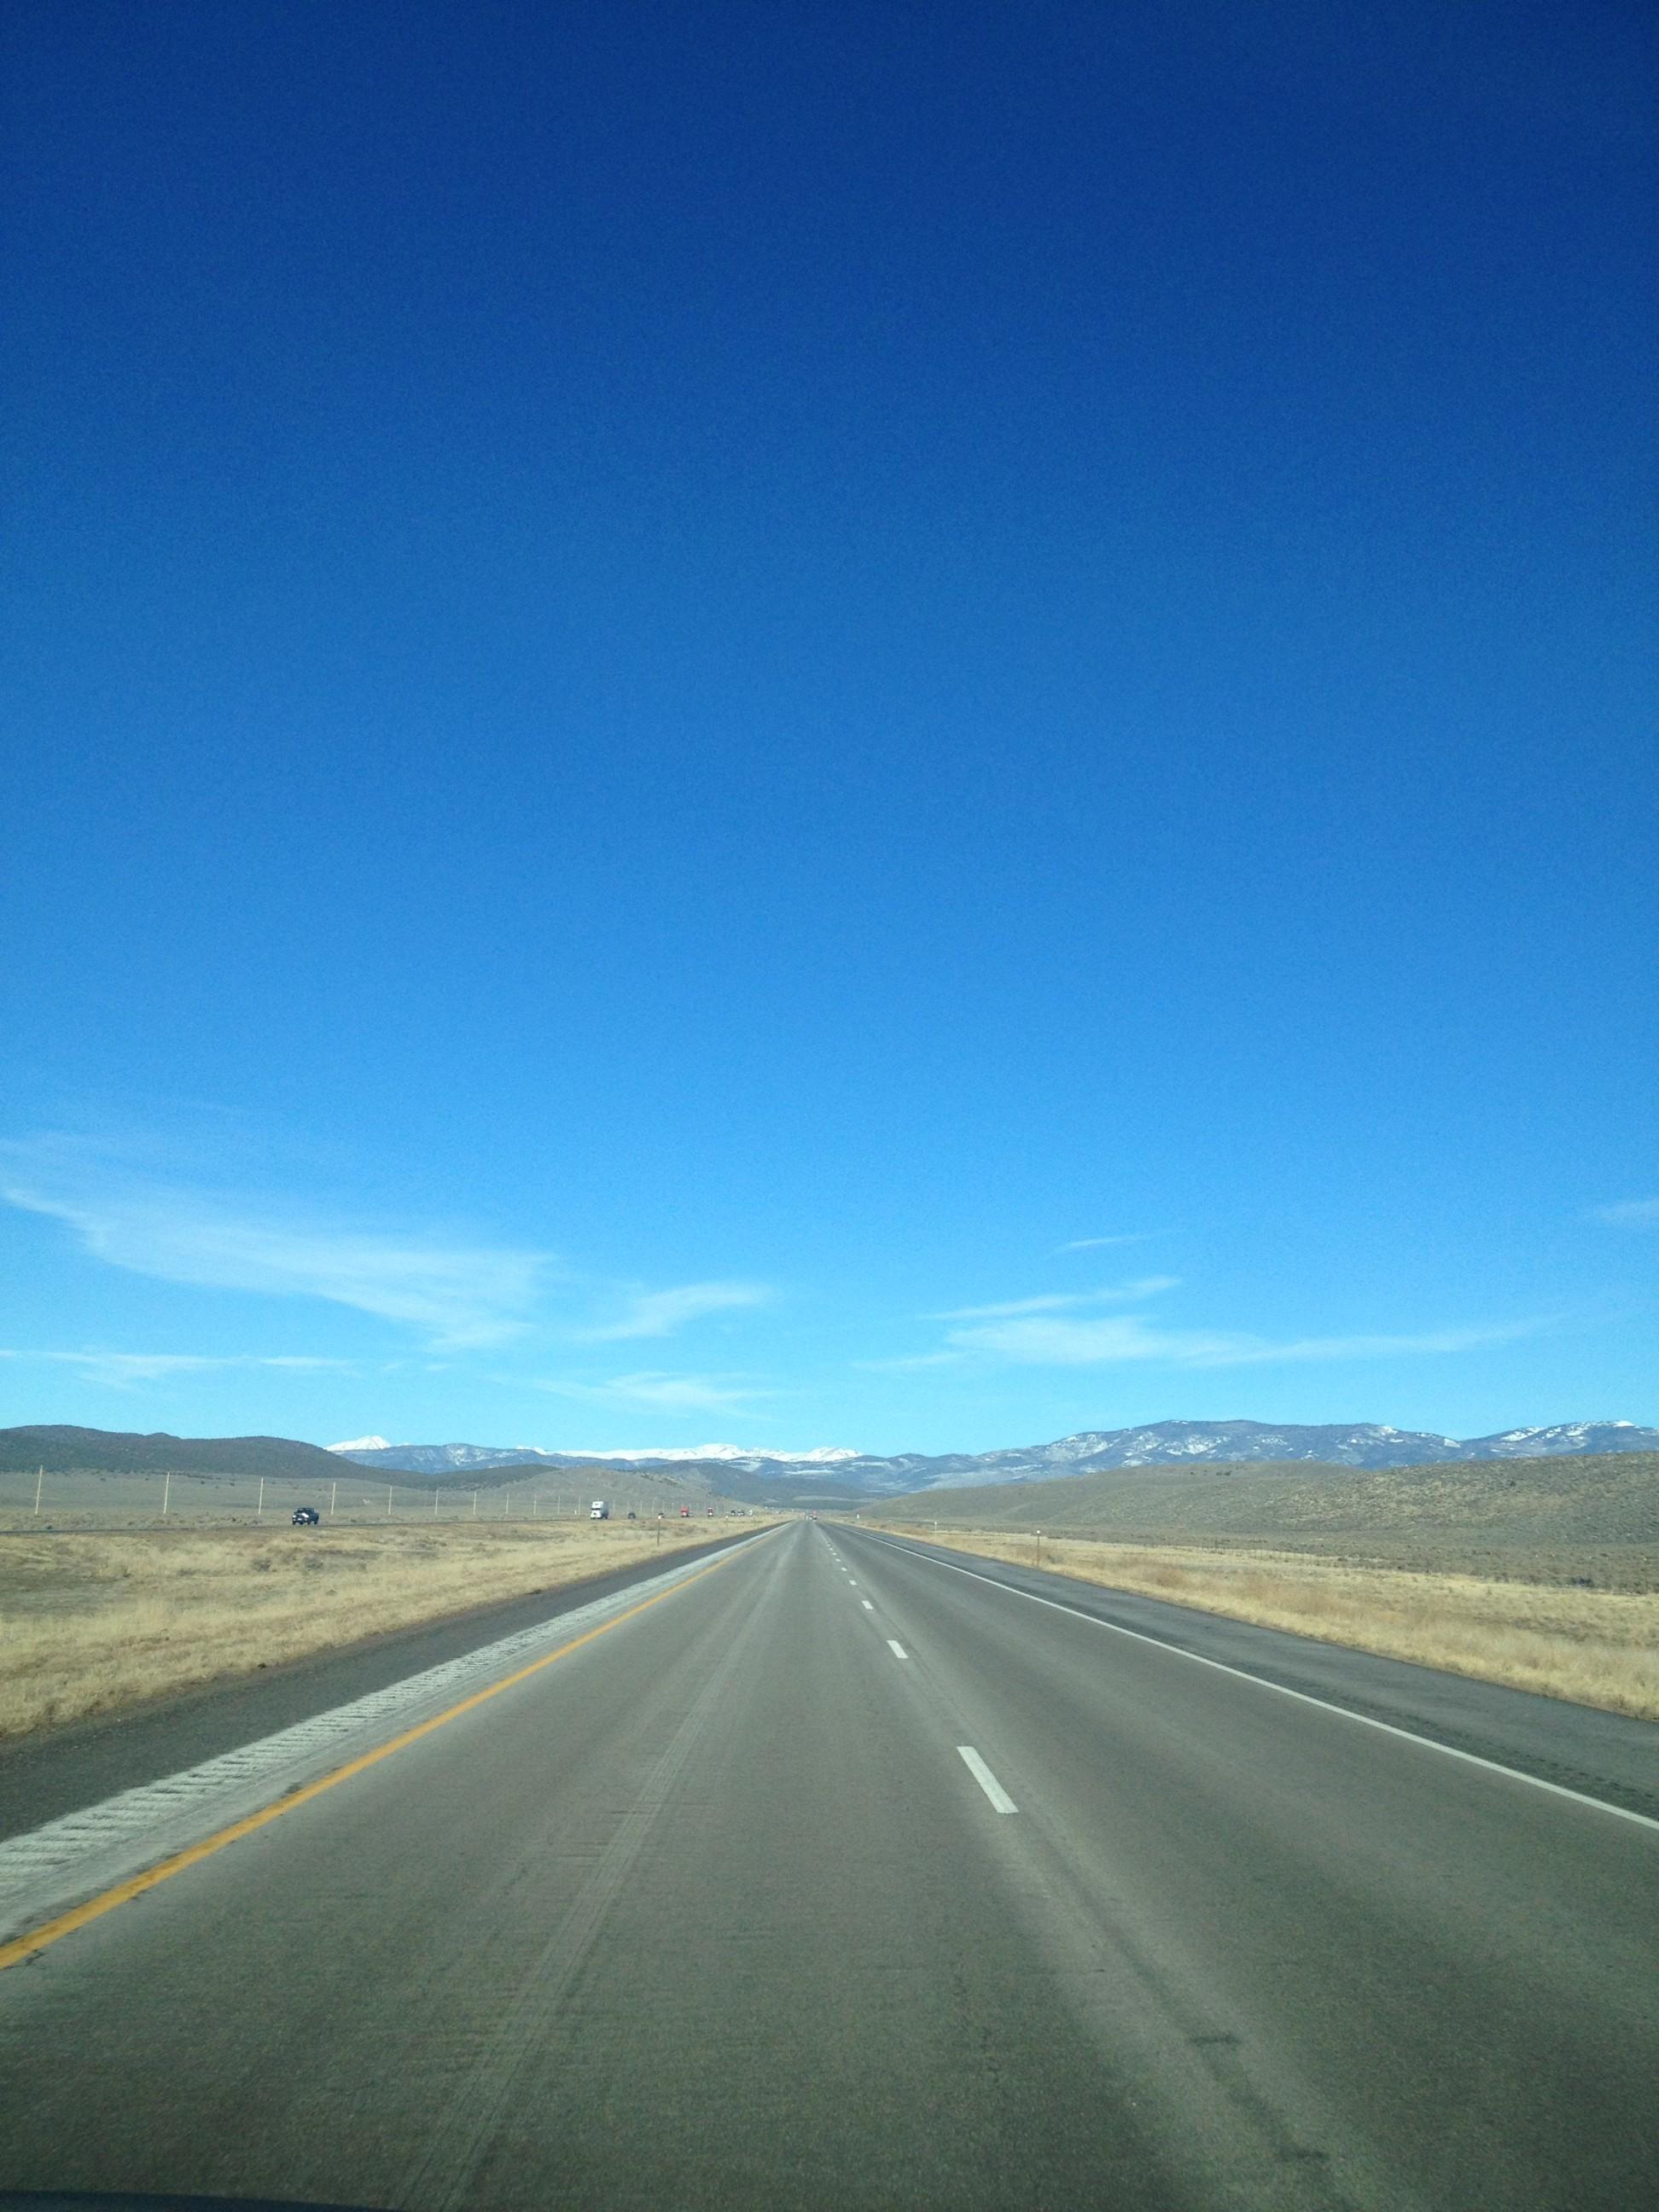 Road Trip, Las Vegas to Utah